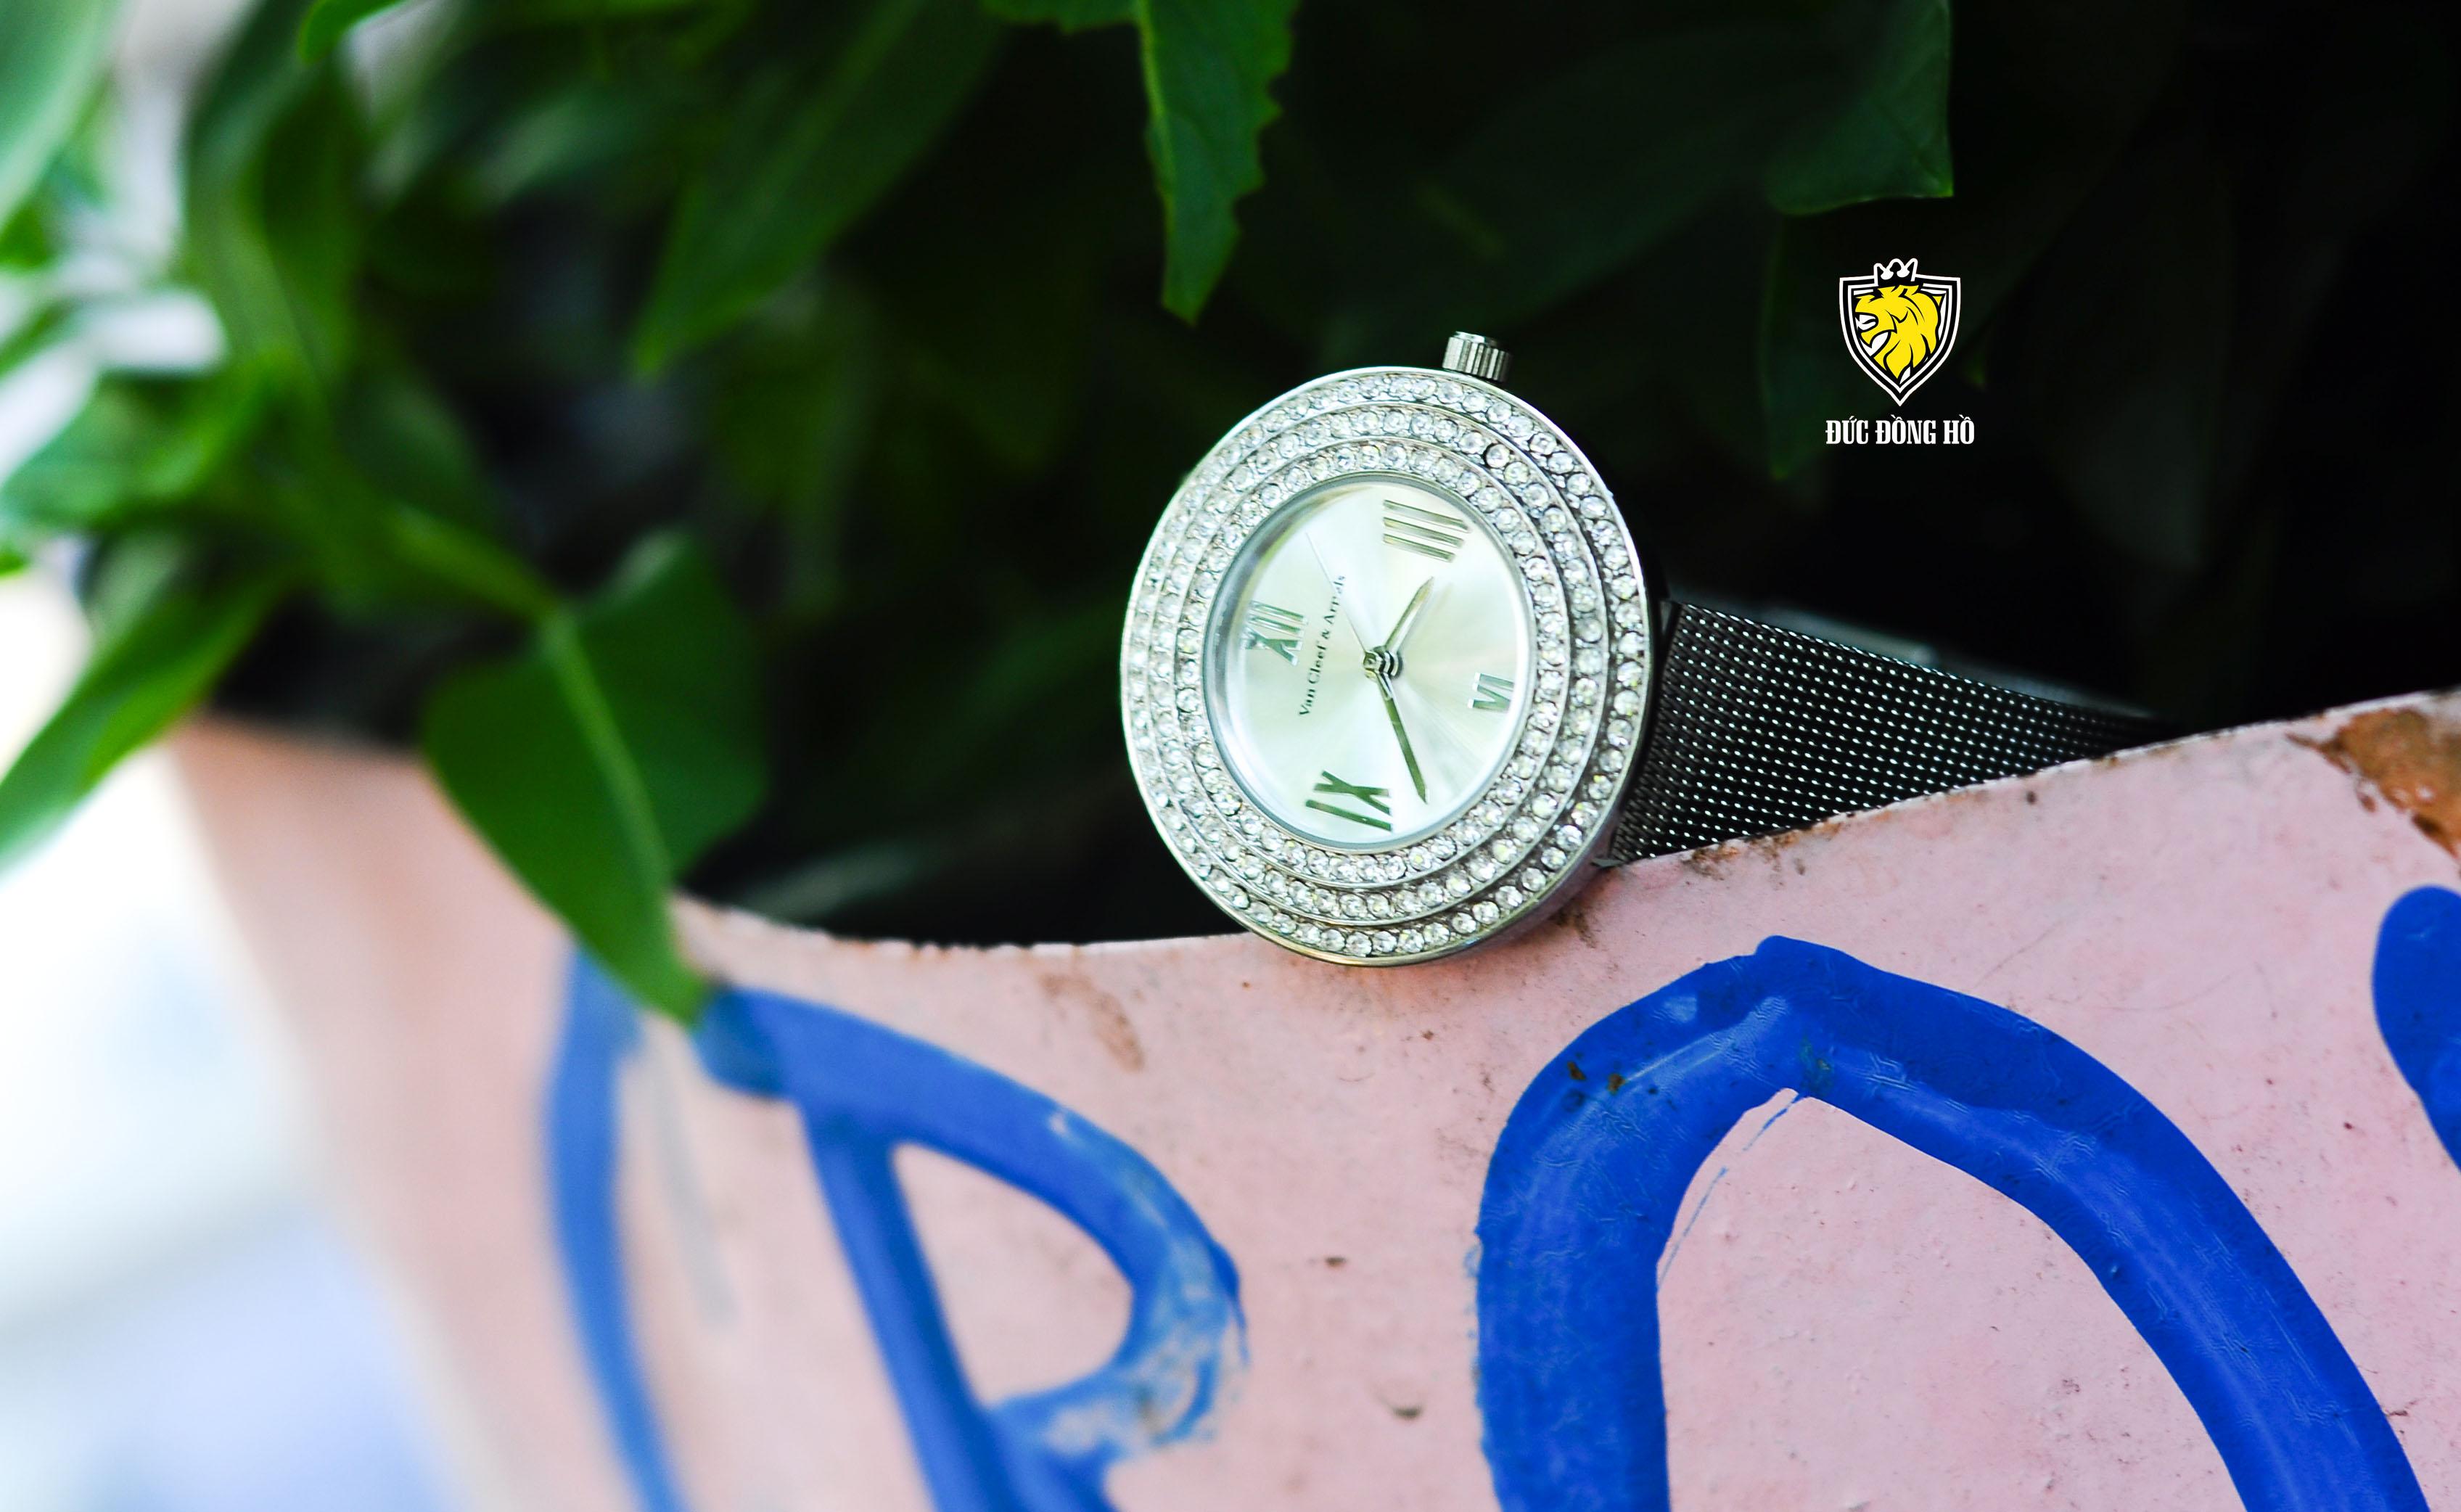 Đồng Hồ Van Cleef & Arpels Nữ 001